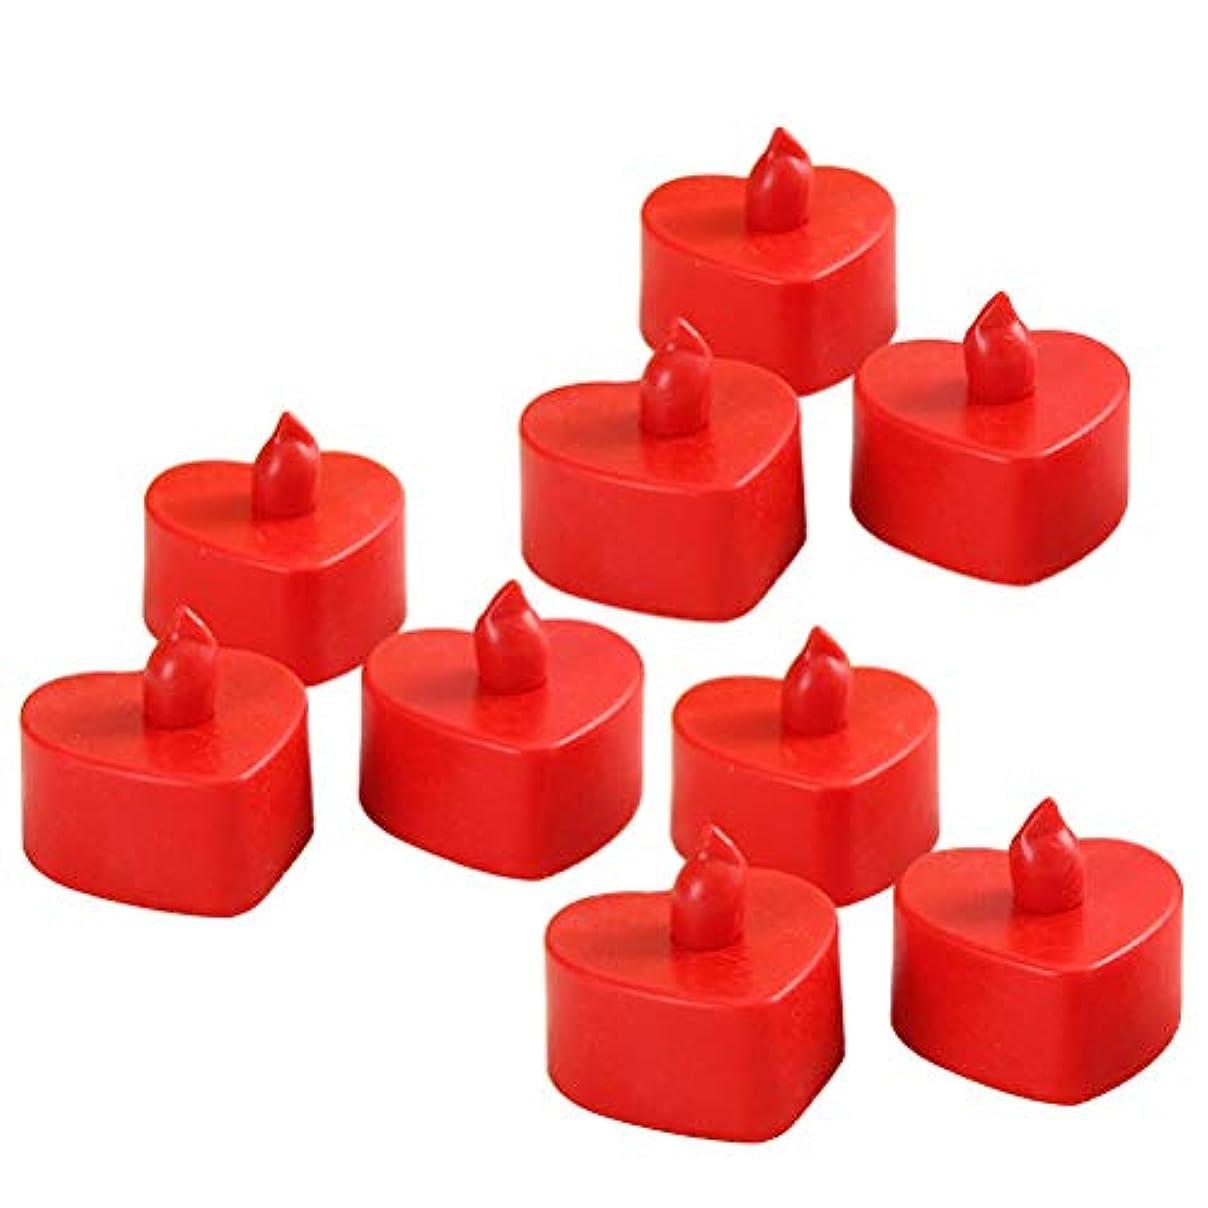 妖精ジャケットビートBESTOYARD 10個のLed茶色のライトは、電池で作動するFlameless Tealightキャンドル暖かい黄色のライトライトハートシェイプクリスマスのウェディングパーティの装飾(赤いシェル、赤い光)